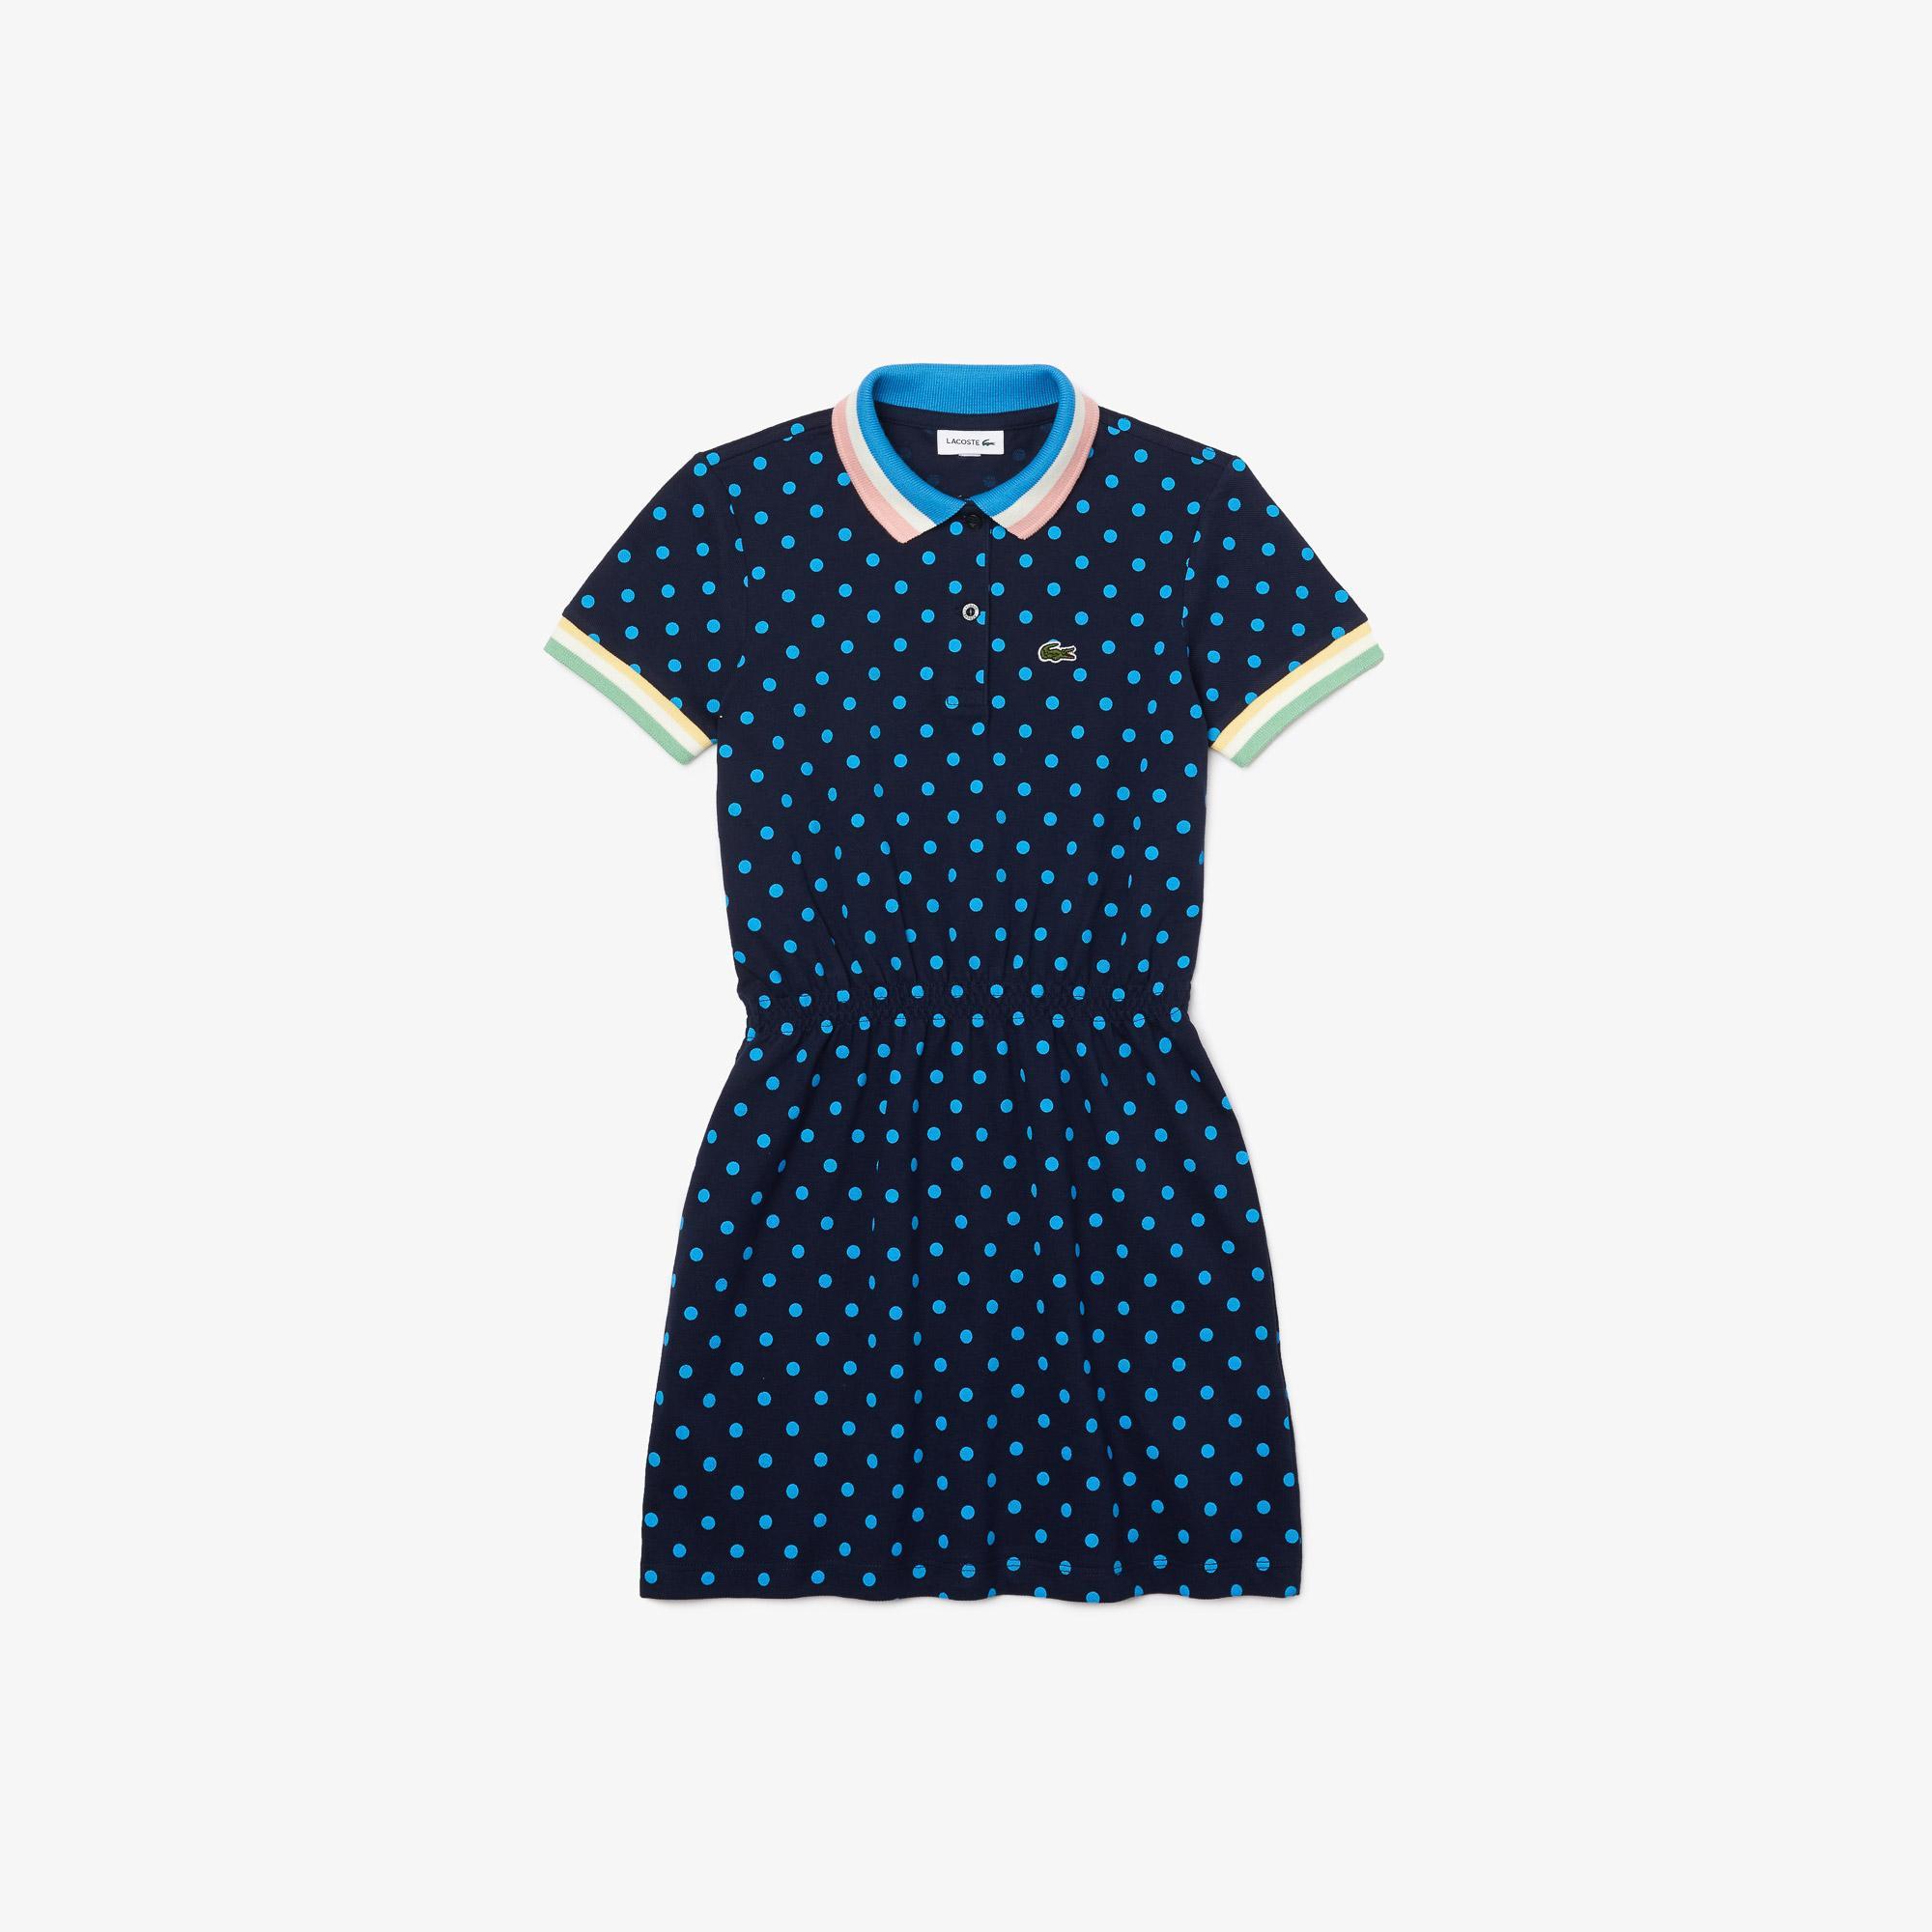 Lacoste Çocuk Kısa Kollu Polo Yaka Baskılı Lacivert Elbise